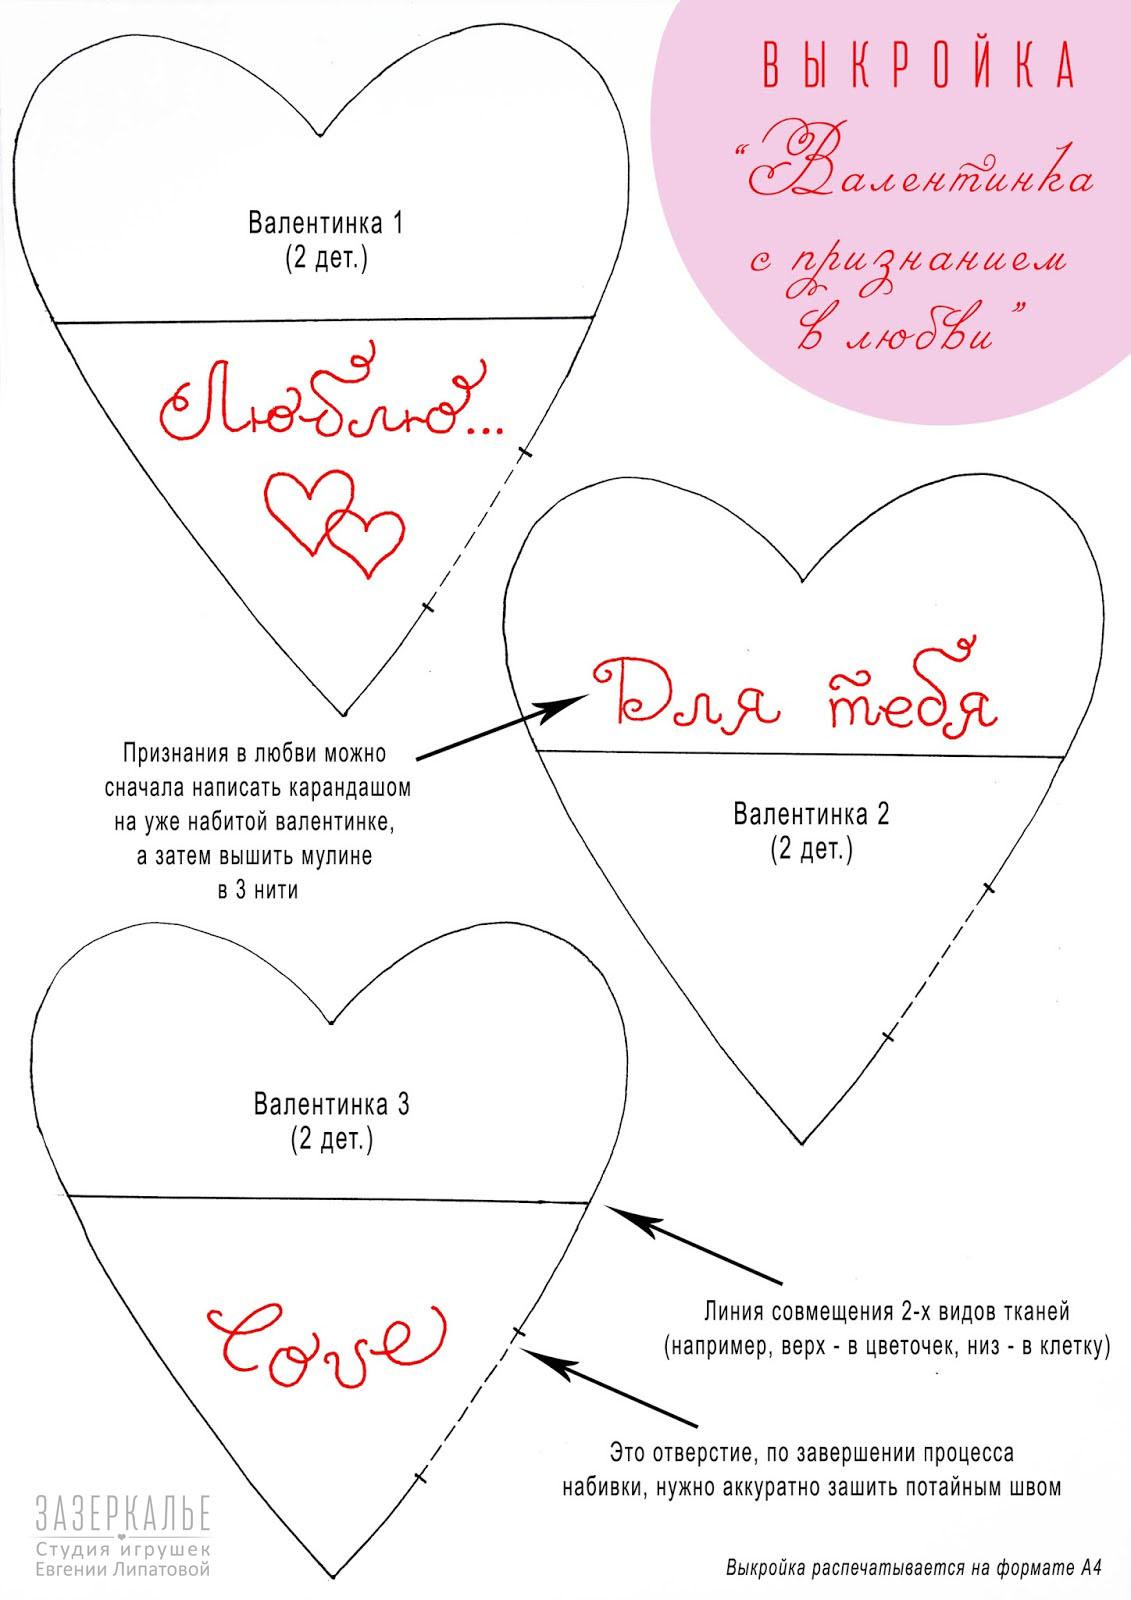 ЗАЗЕРКАЛЬЕ: Сердечки валентинки + выкройка с красивыми надписями-признаниями в любви